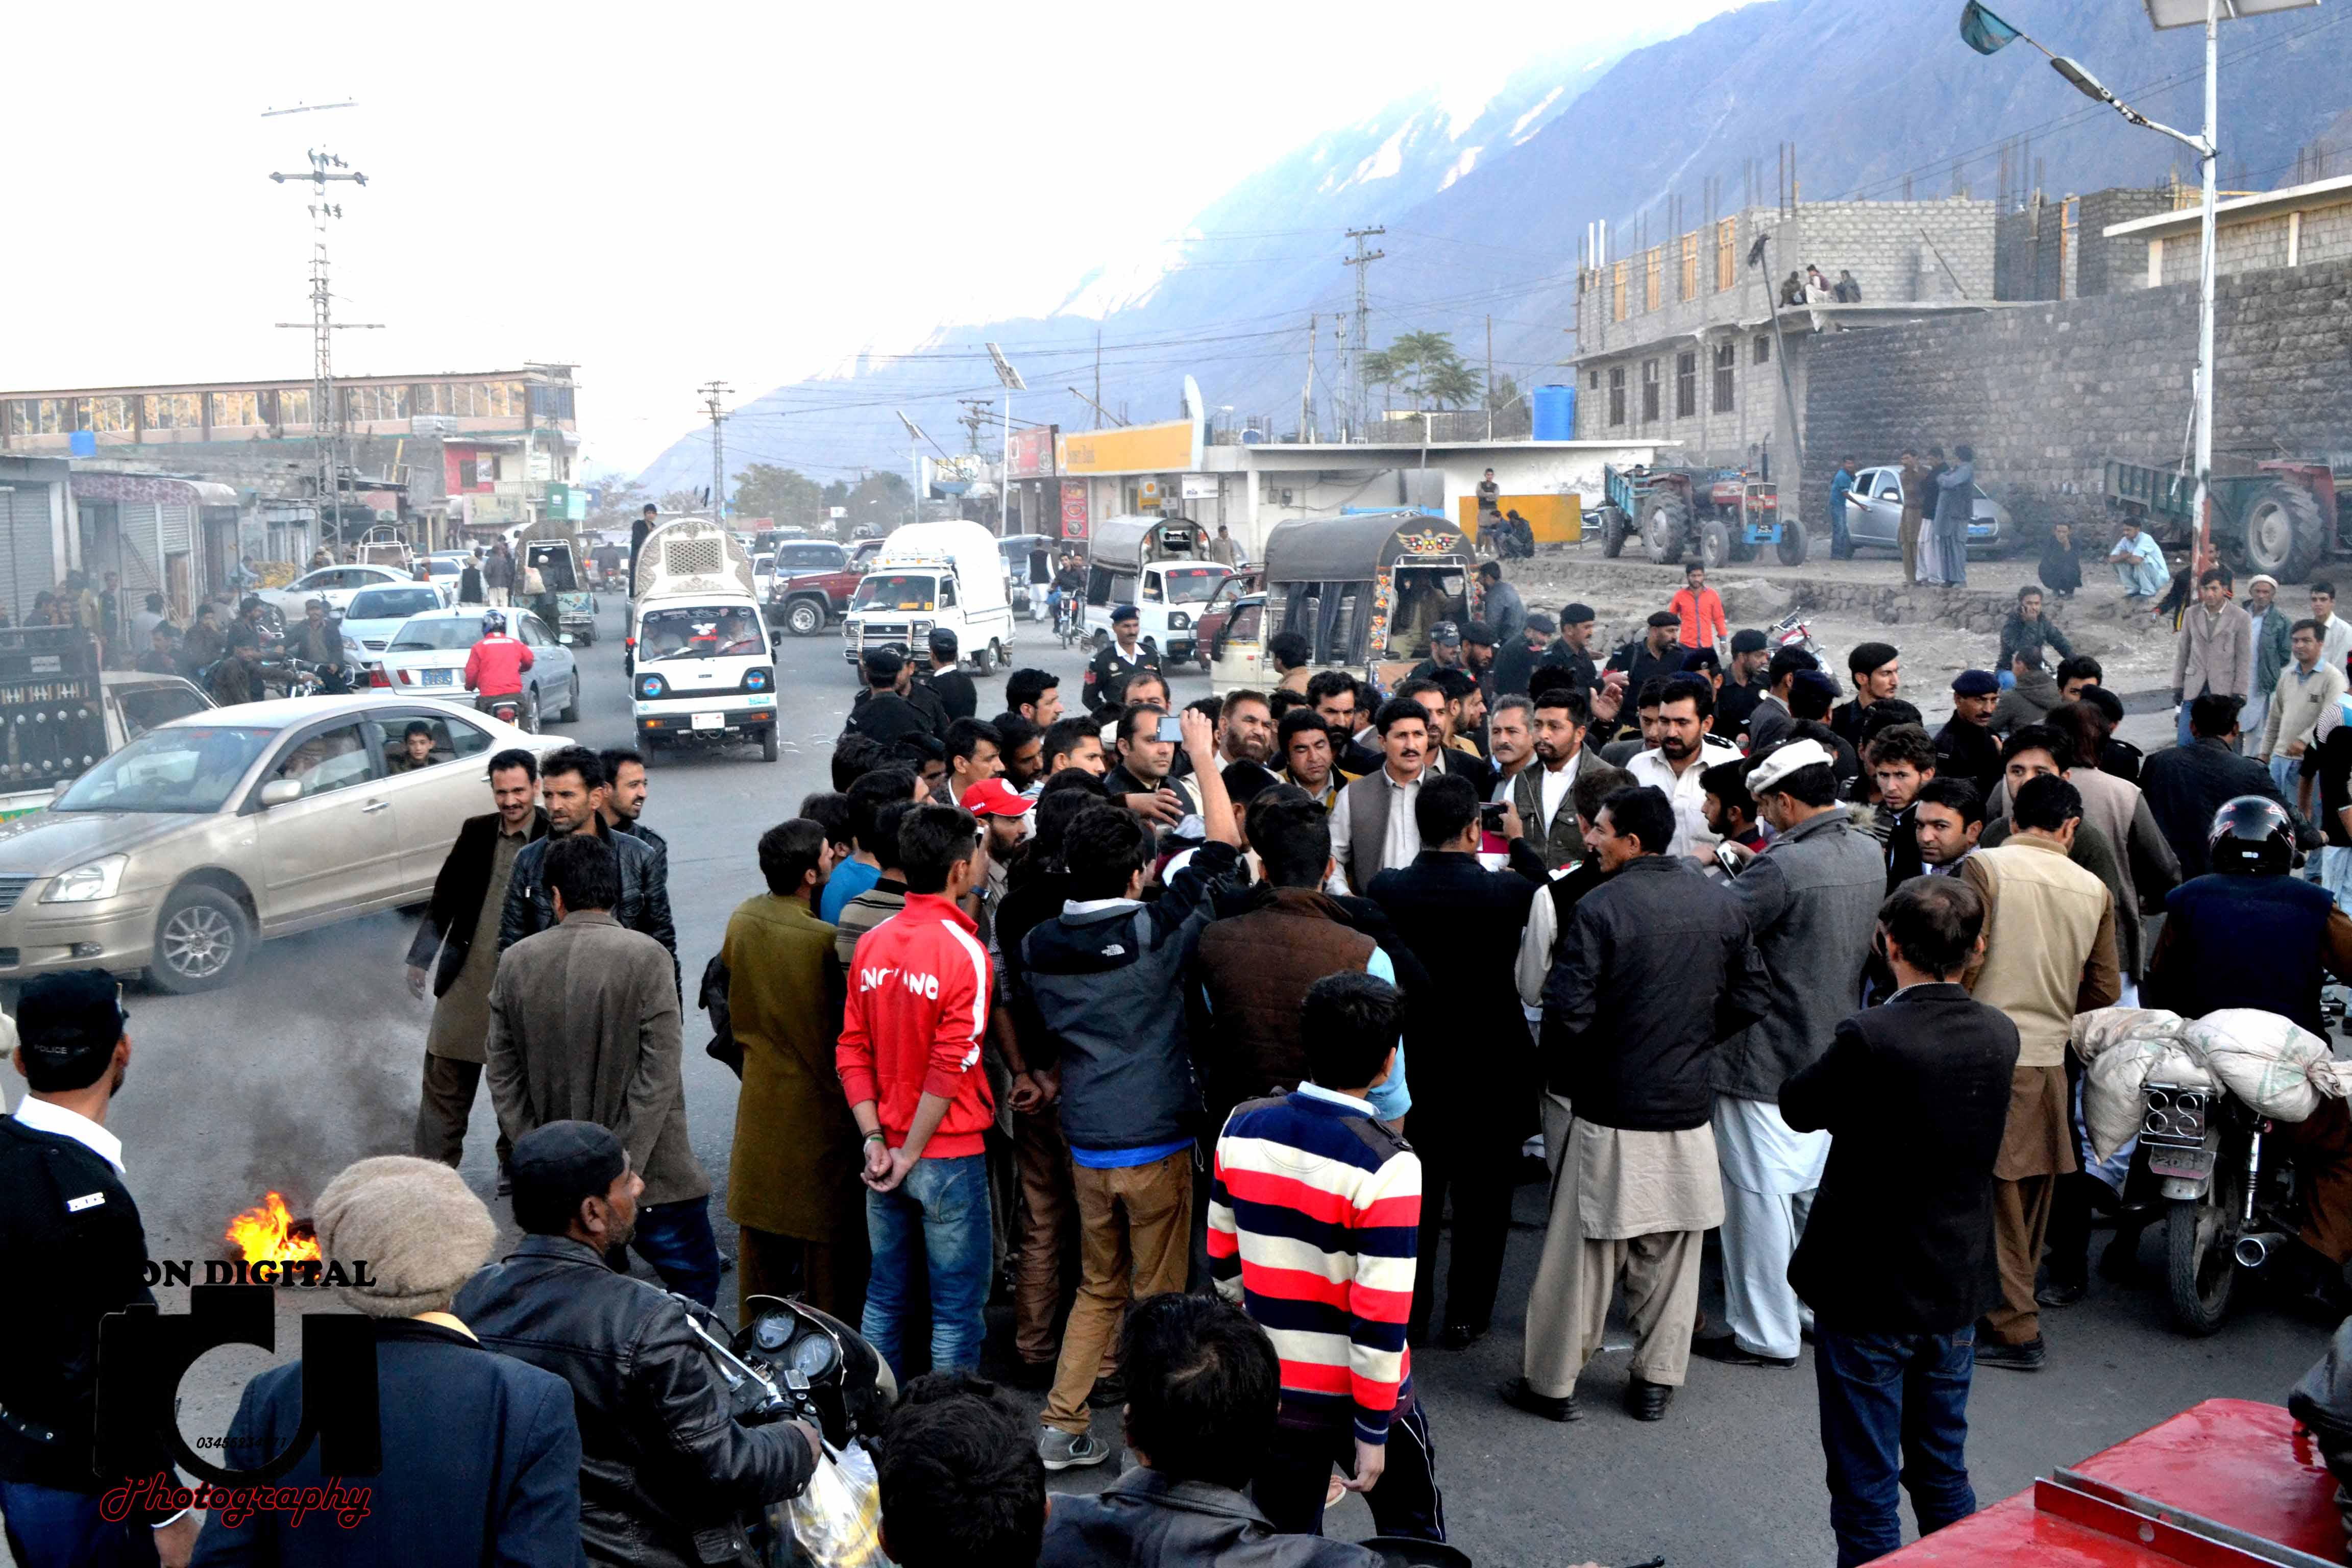 اسلام آباد میں پارٹی کارکنوں کی گرفتاریوں کے خلاف تحریک انصاف کا گلگت میں احتجاجی مظاہرہ